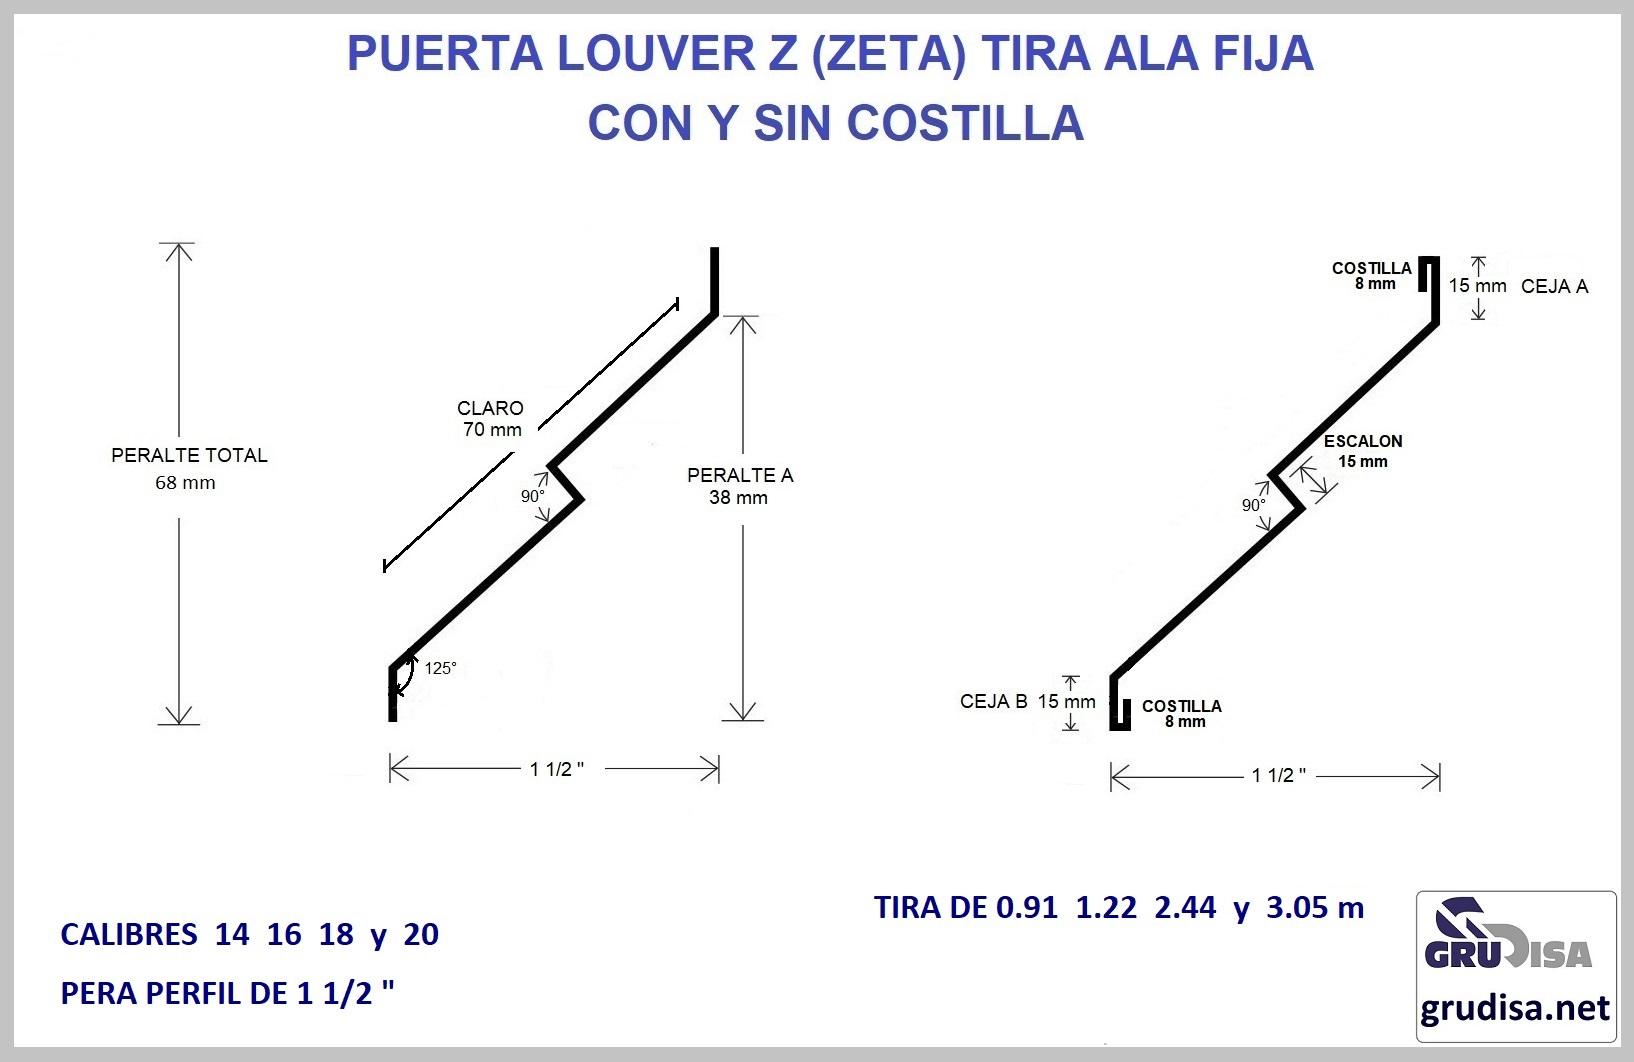 """PUERTA LOUVER Z (TIRA) PERFIL DE 1 1/2""""  CALIBRES  13 15 18 y 20"""